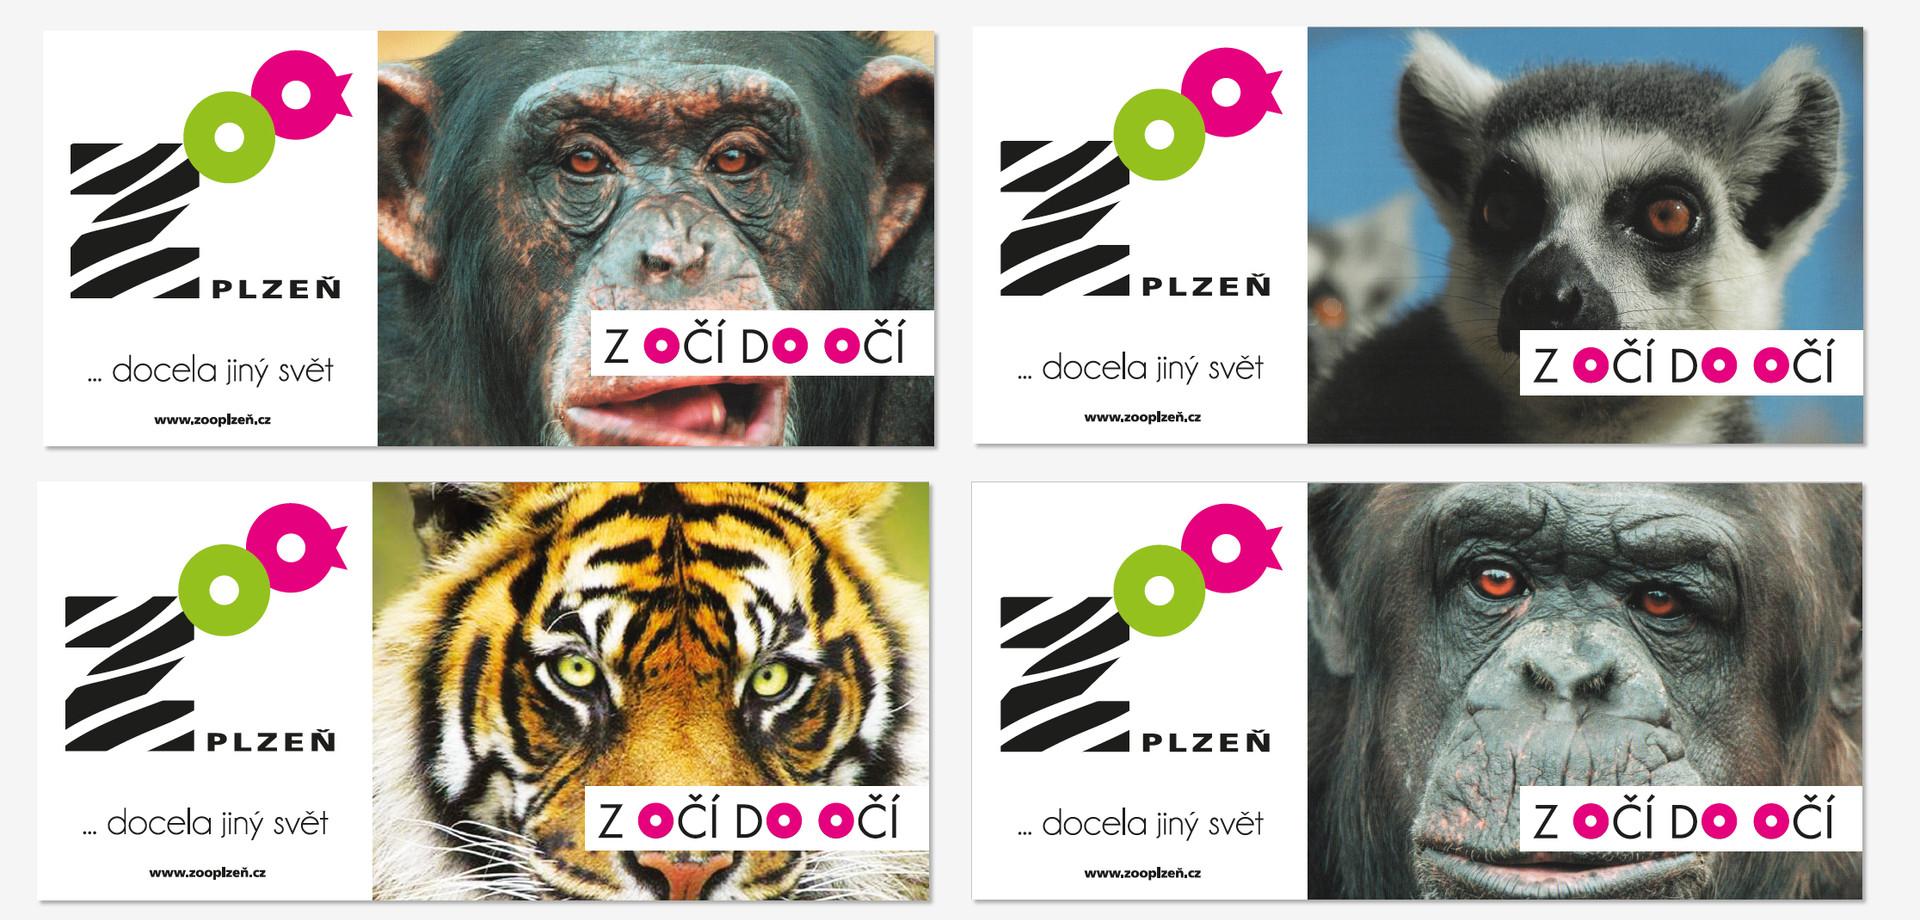 zoo_komplet2.jpg